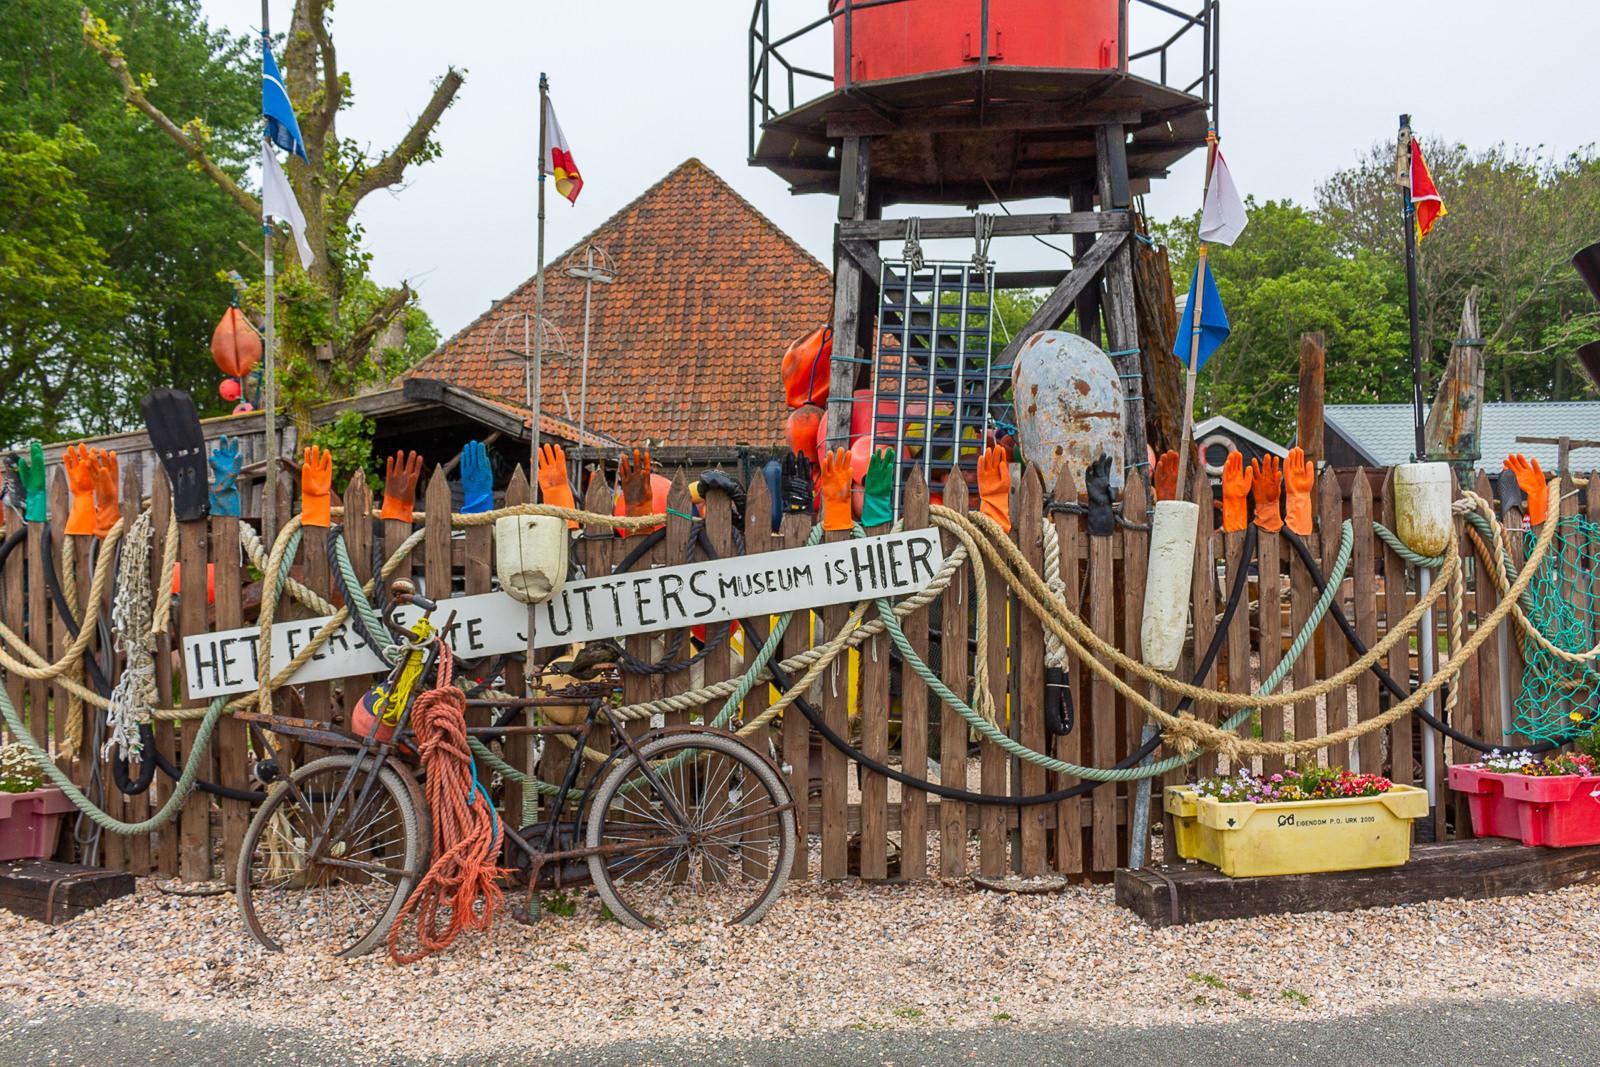 Strandgut, Museum, Texel, Strandgutmuseum Texel, Juttersmuseum Flora